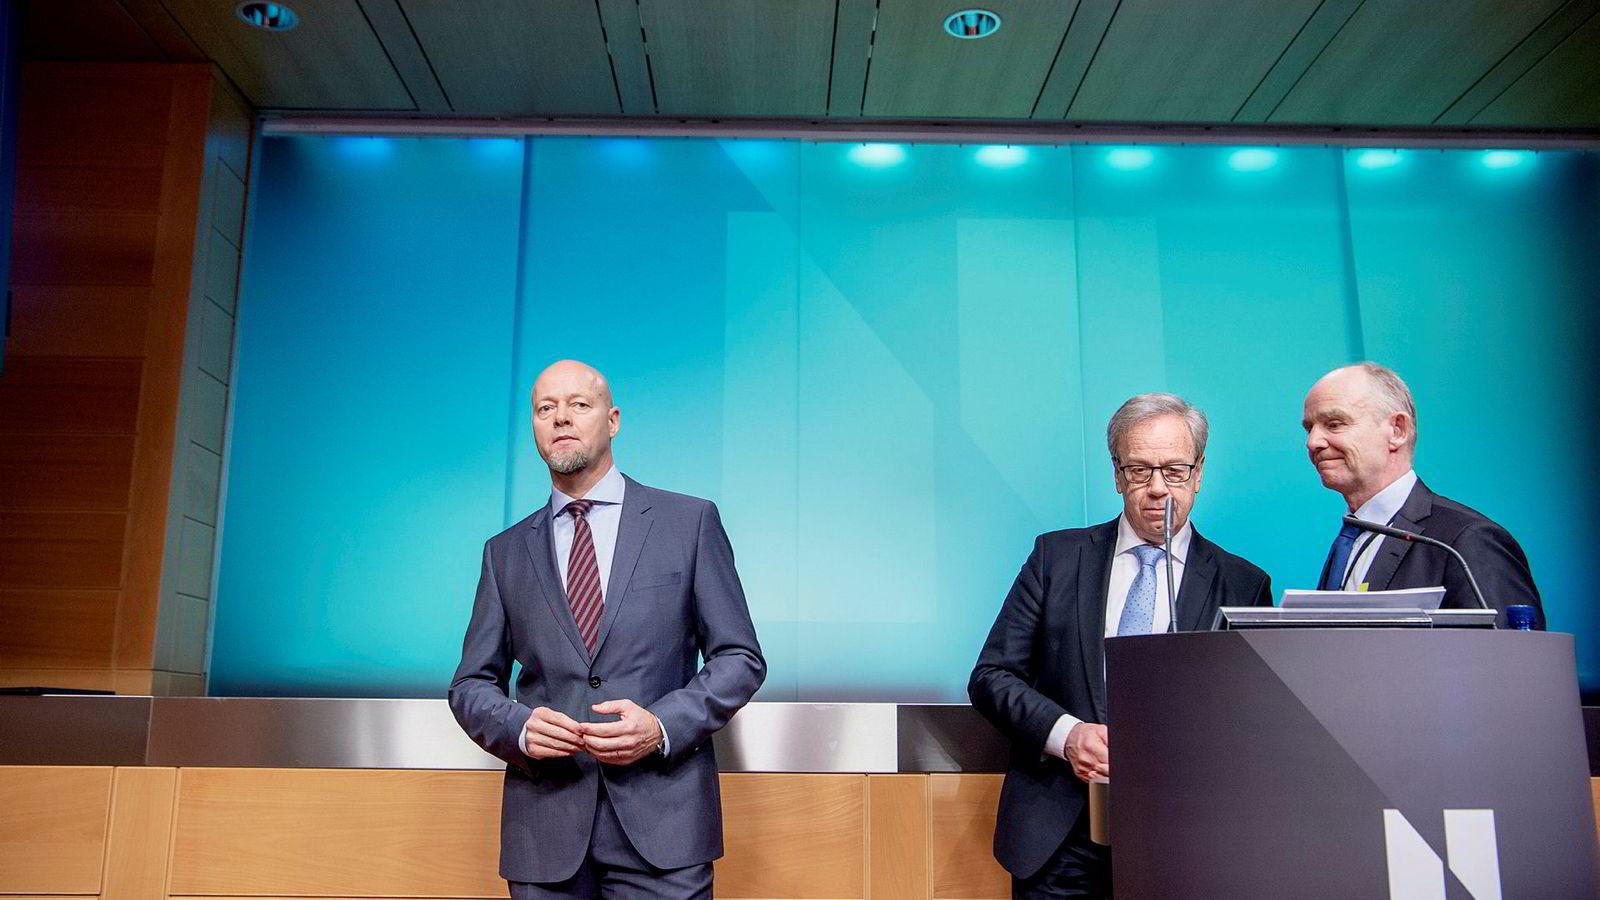 Yngve Slyngstad (til venstre), sjef for Oljefondet, presenterte resultatet for 2018. Norges Bank. Med Øystein Olsen (midten) sentralbanksjef og Runar Malkenes, kommunikasjonsdirektør.